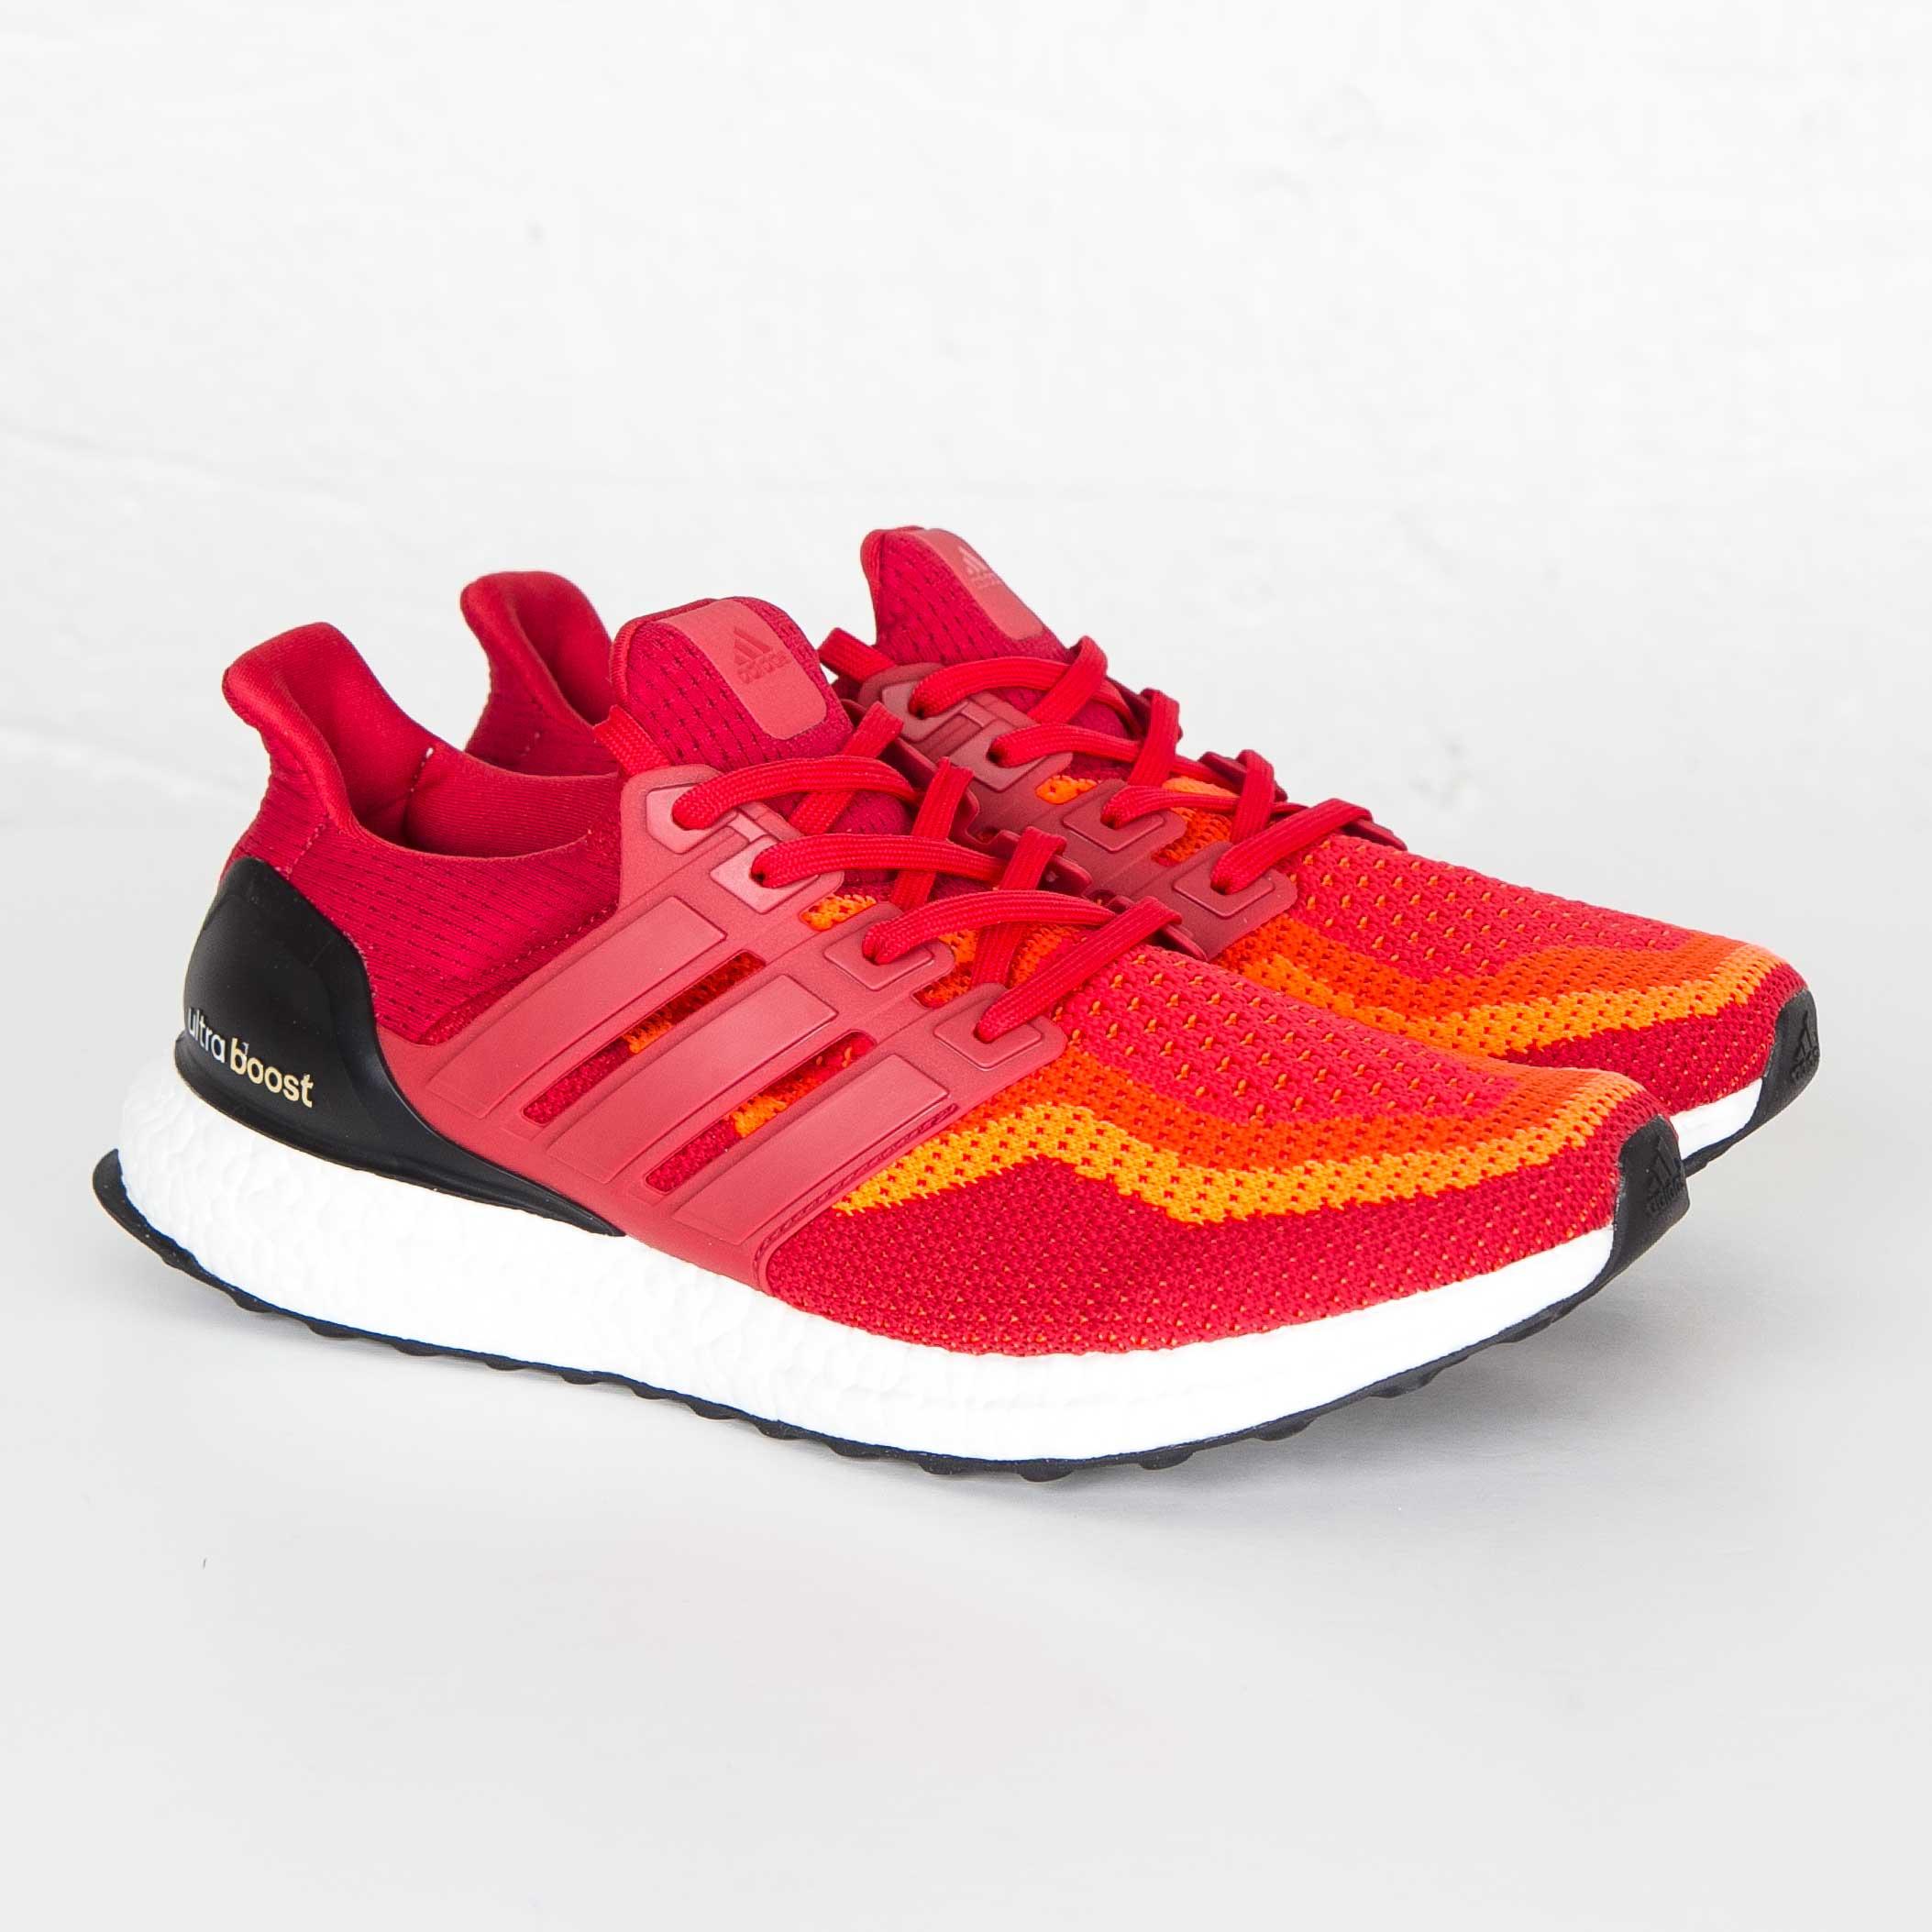 32e405032ad66 adidas ultra boost m - Aq4006 - Sneakersnstuff